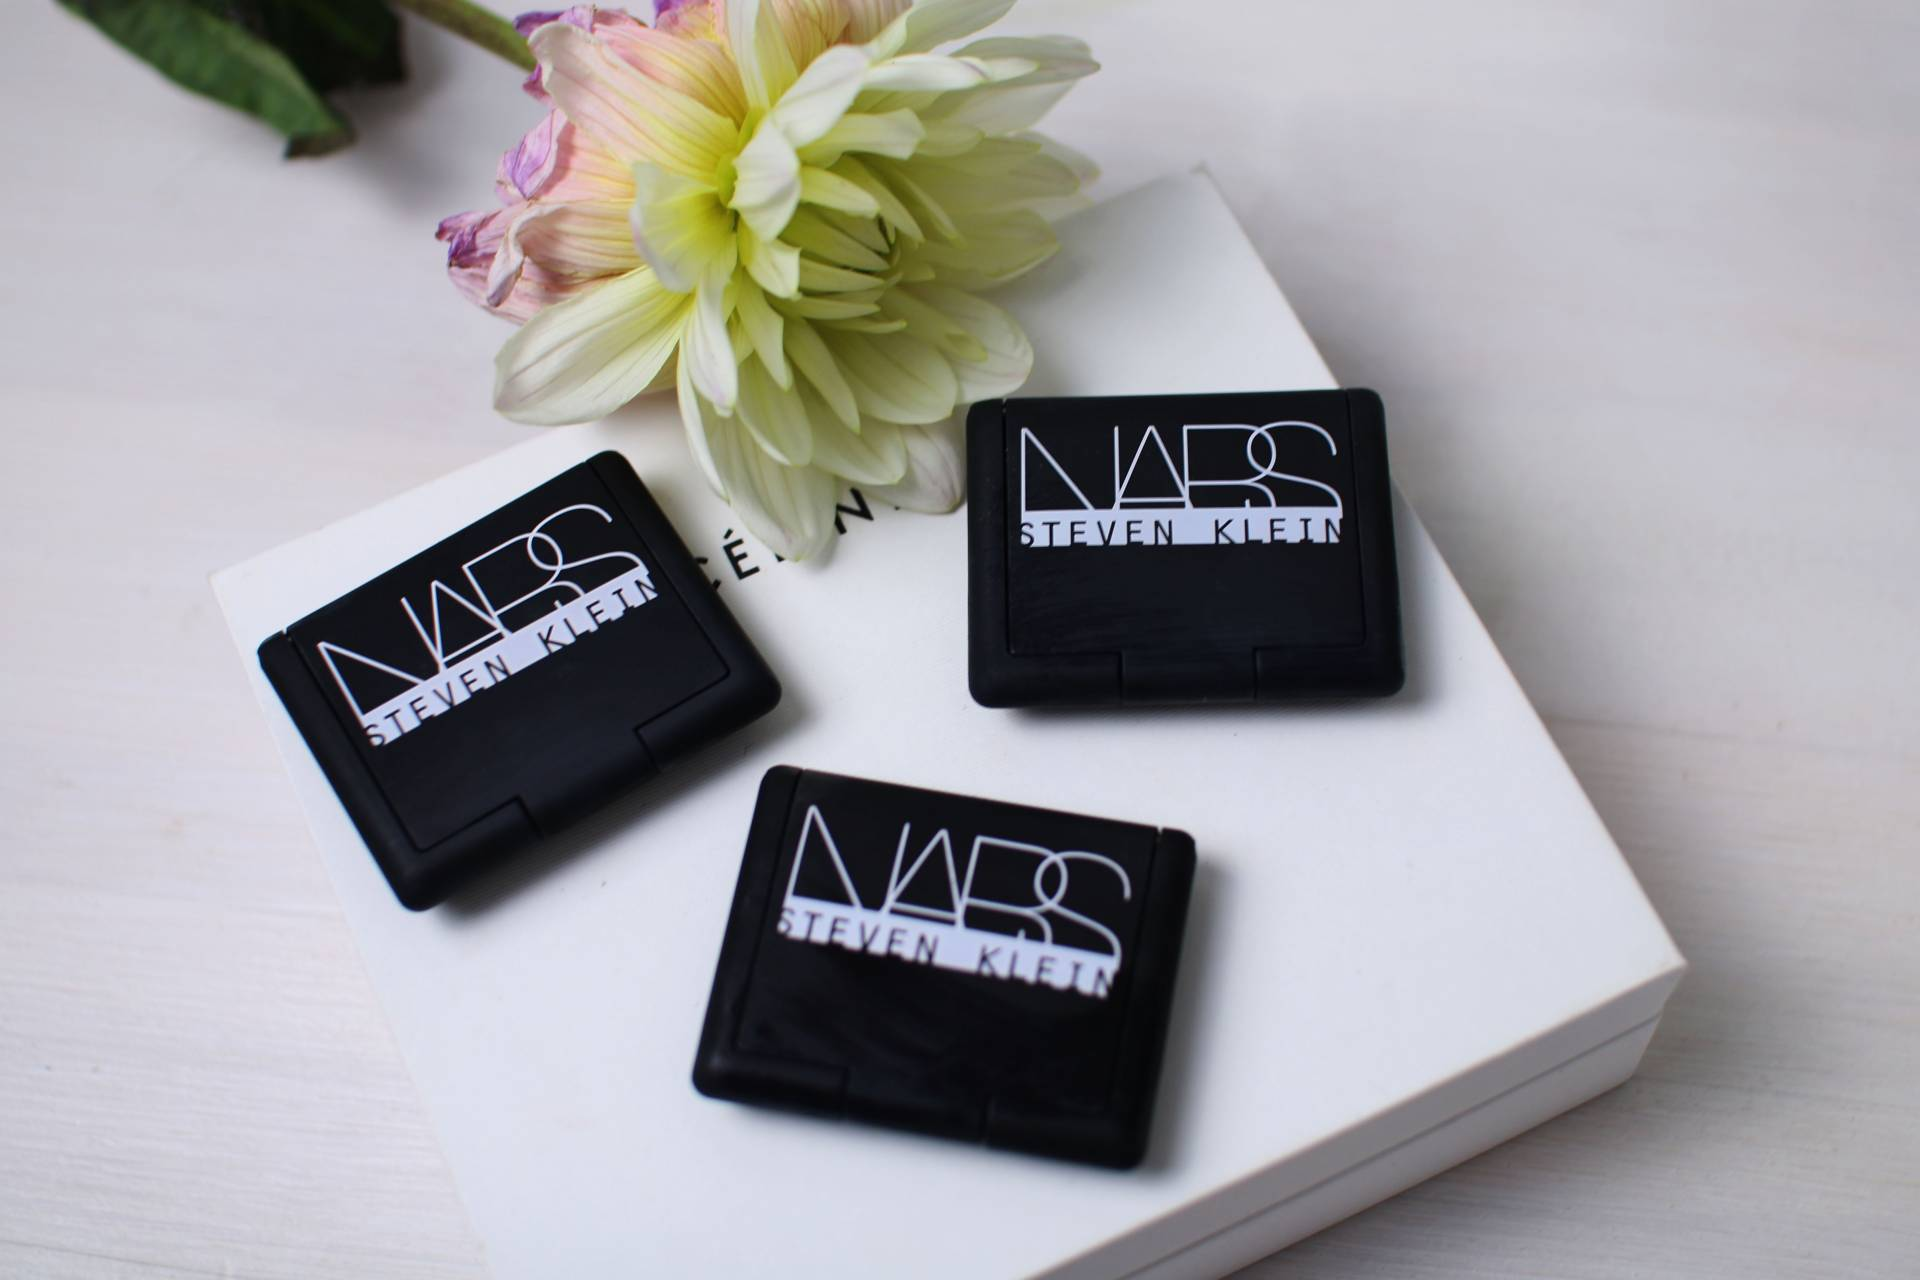 nars steven klein colour collection 2015